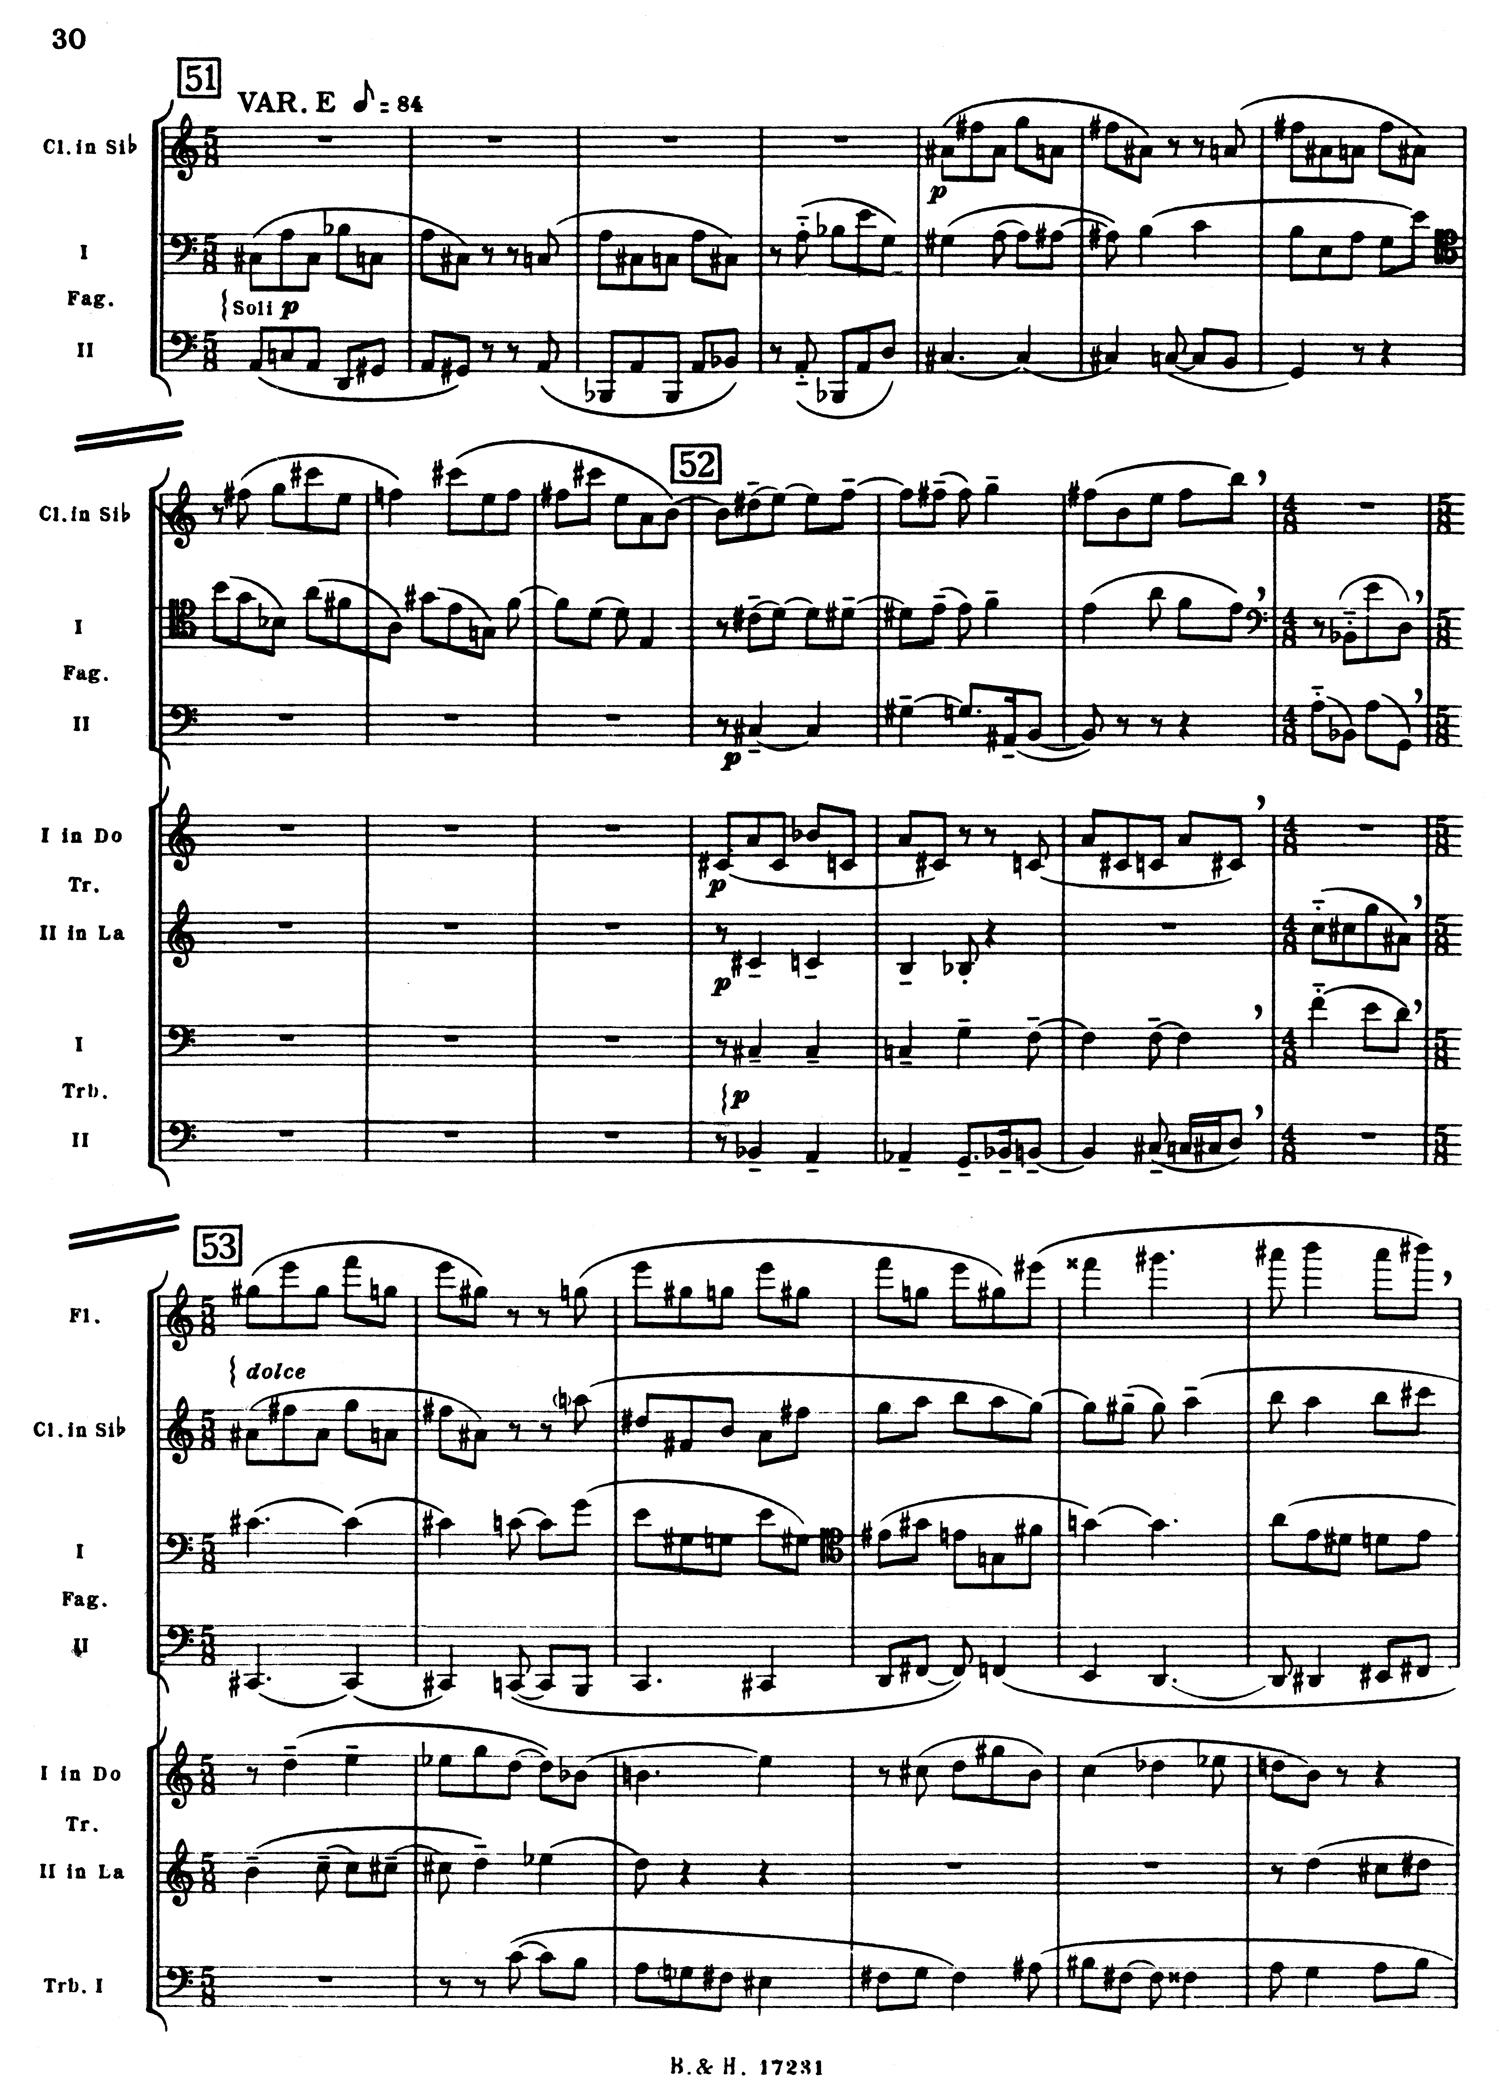 Stravinsky Octet Score 1.jpg